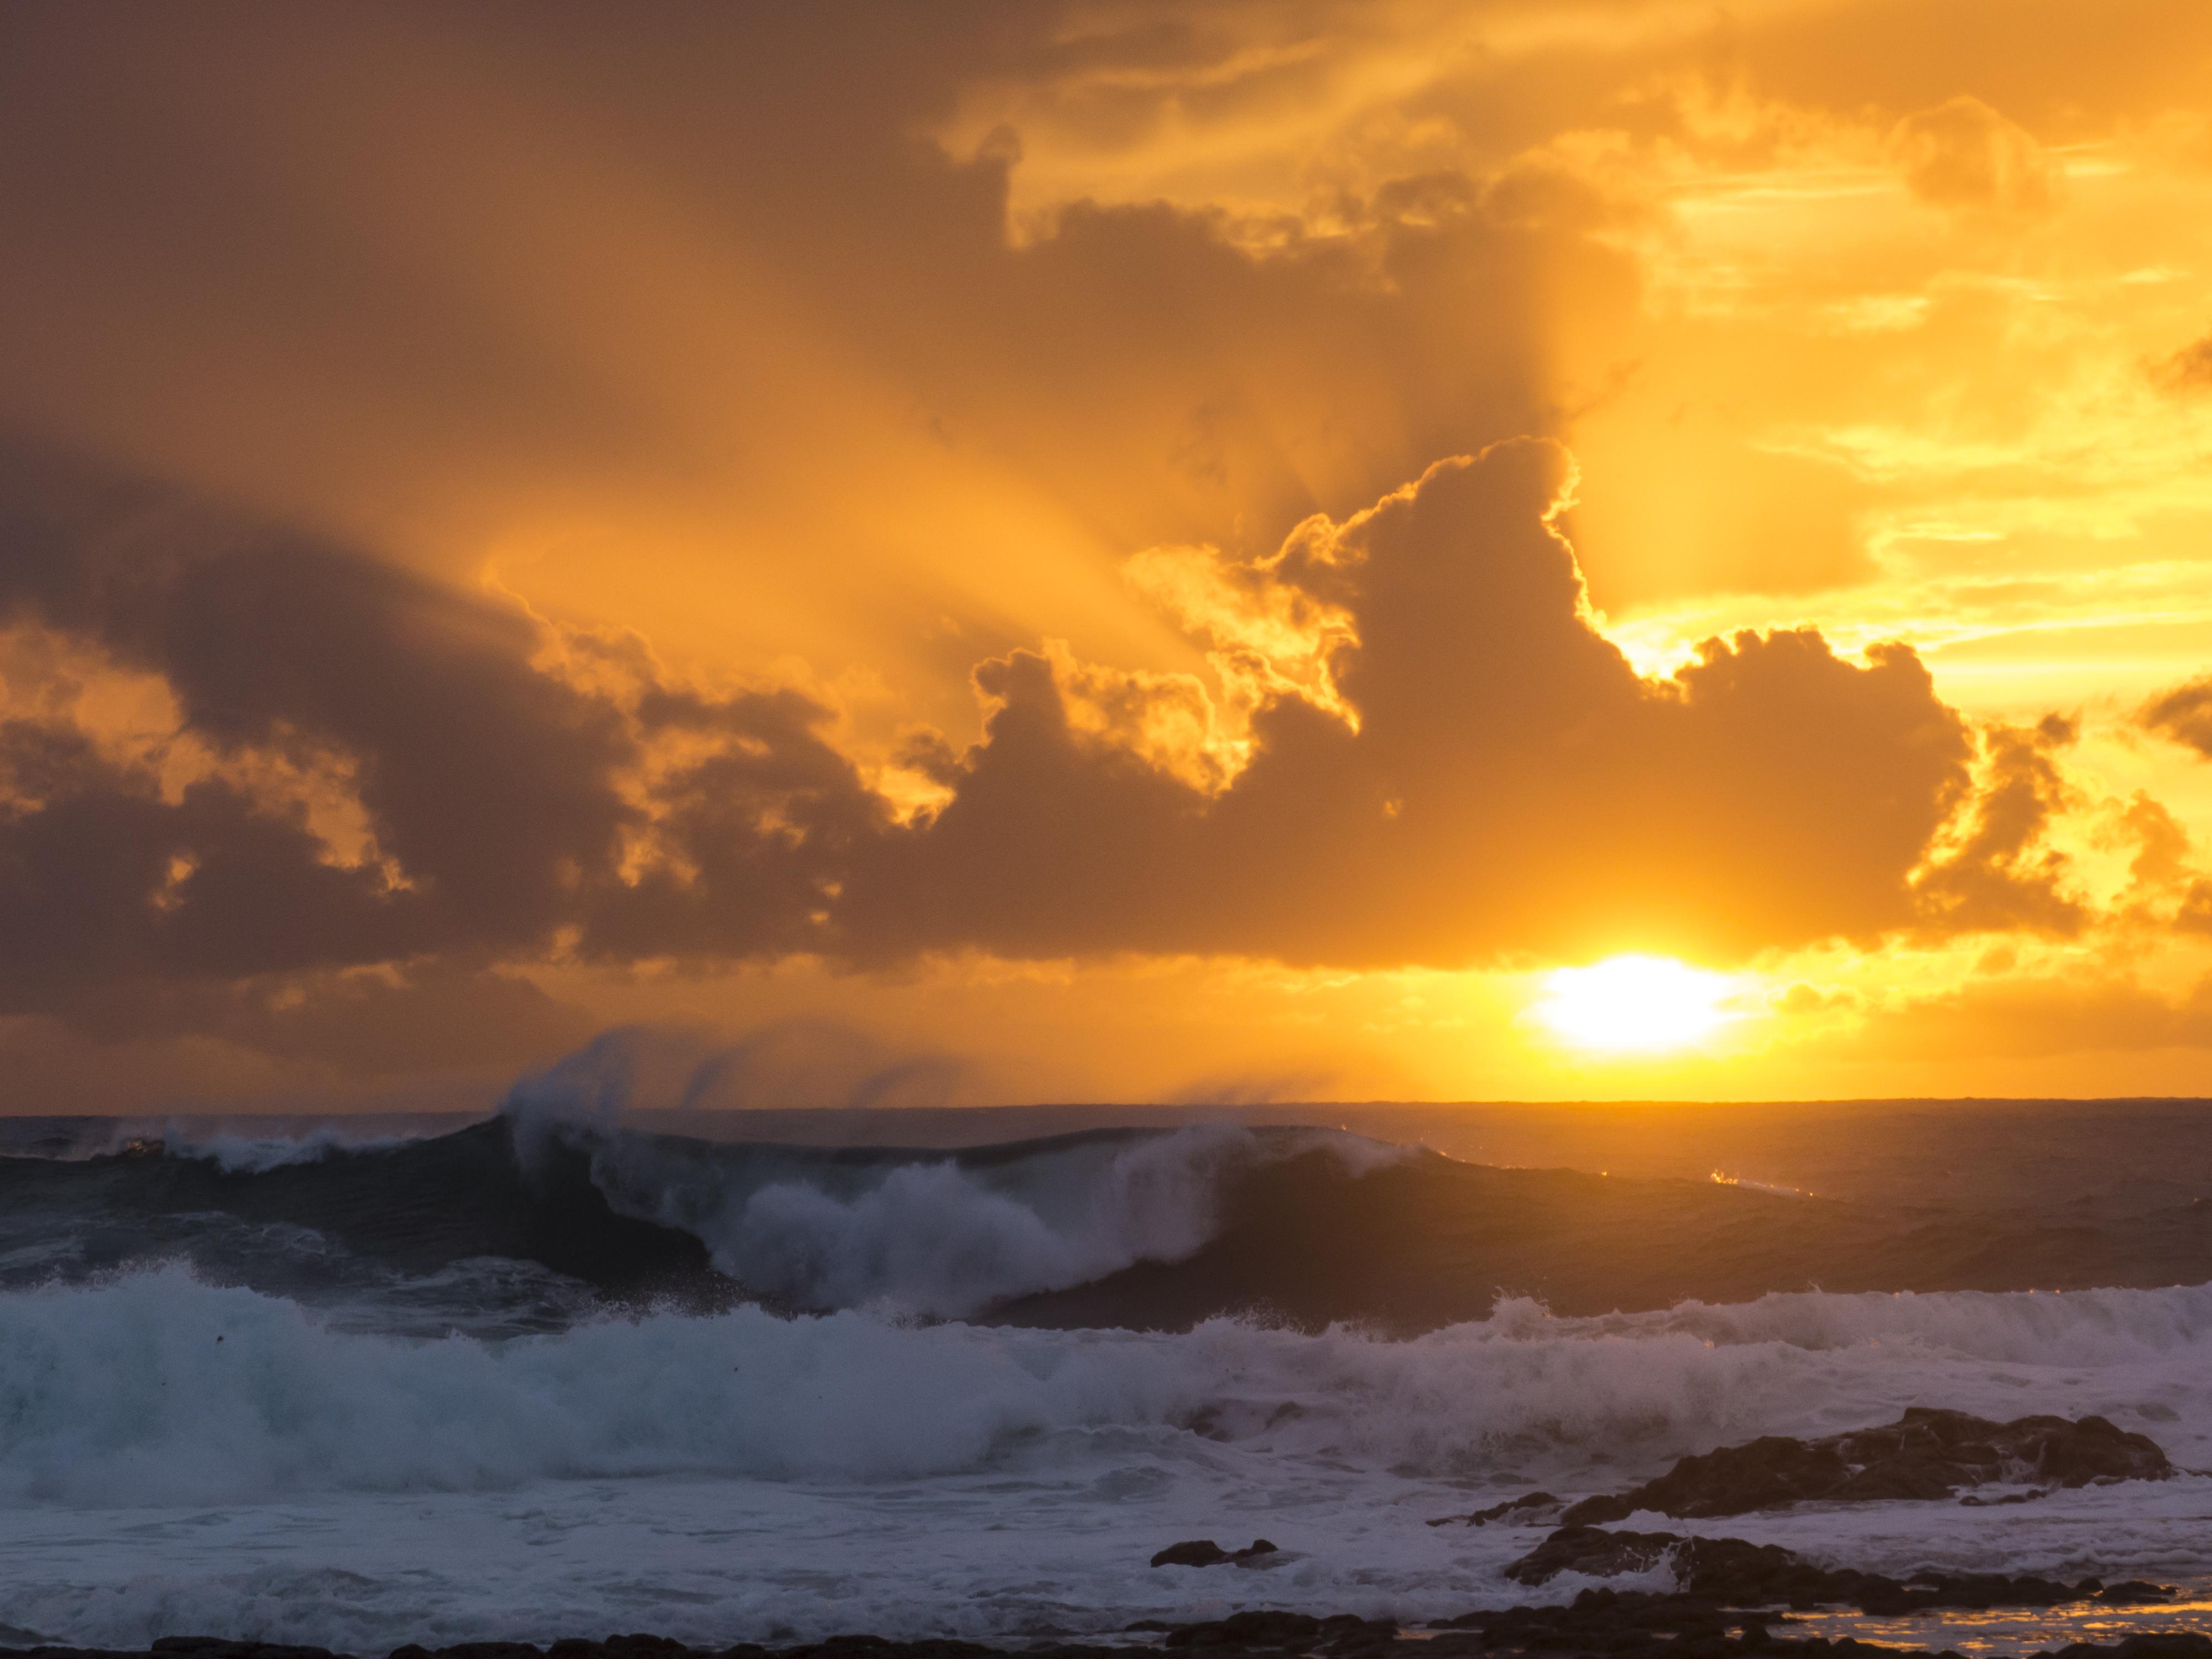 Playa los Mozos am Tablero del Golfete –wilde Küste, aufwühlende Fotos.